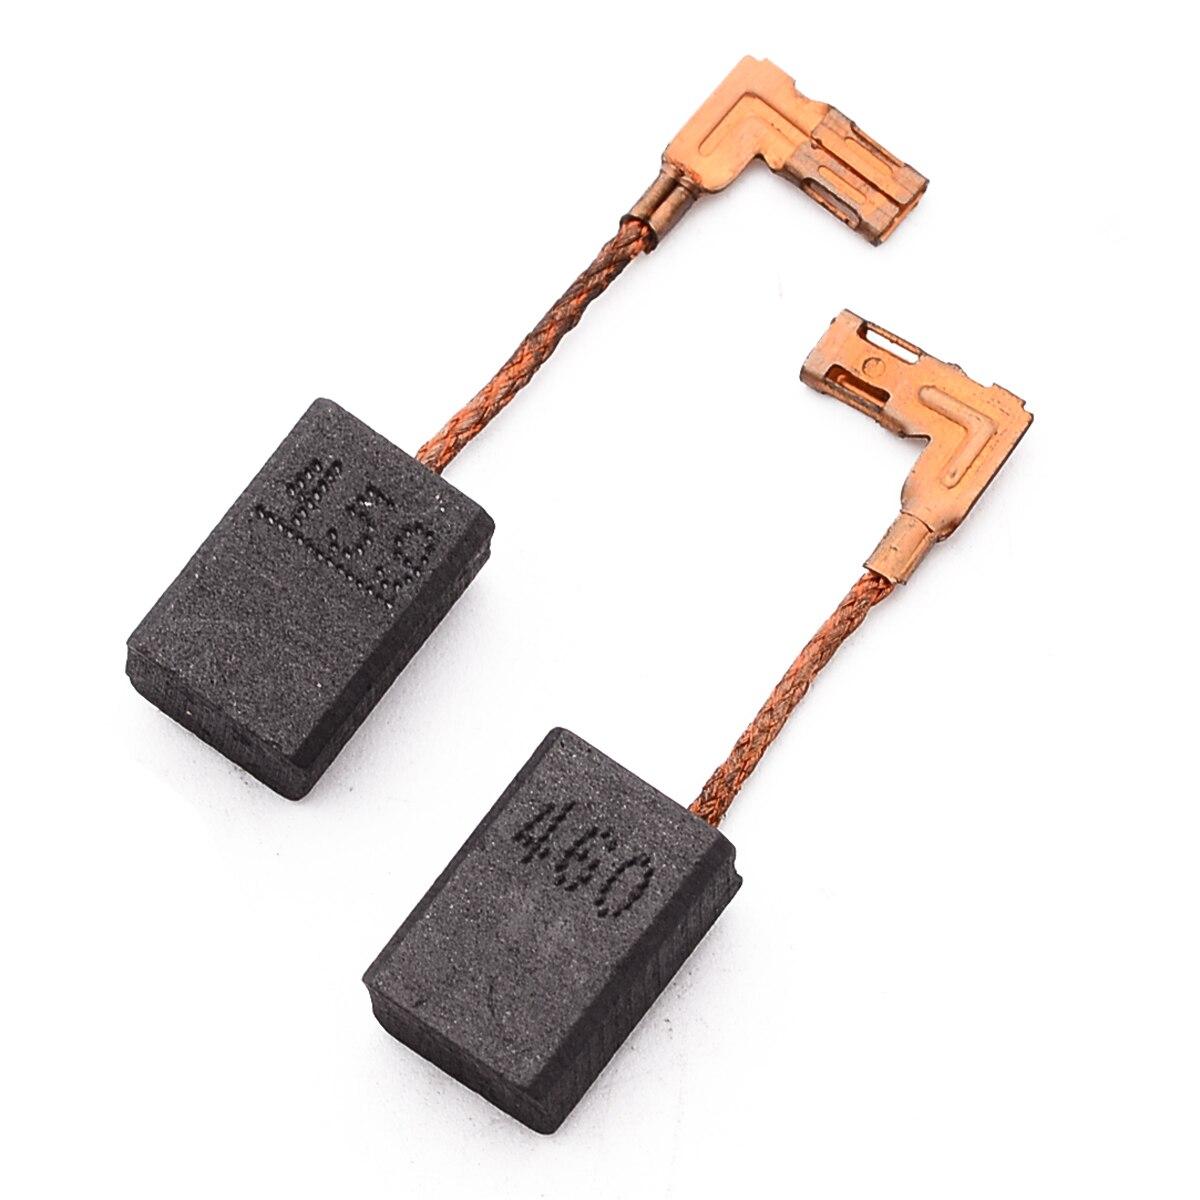 Mayitr 2 шт. угольные щетки для углового шлифовщика GA 5030 CB-459 6 мм * 9 мм * 13 мм угольные щетки Замена